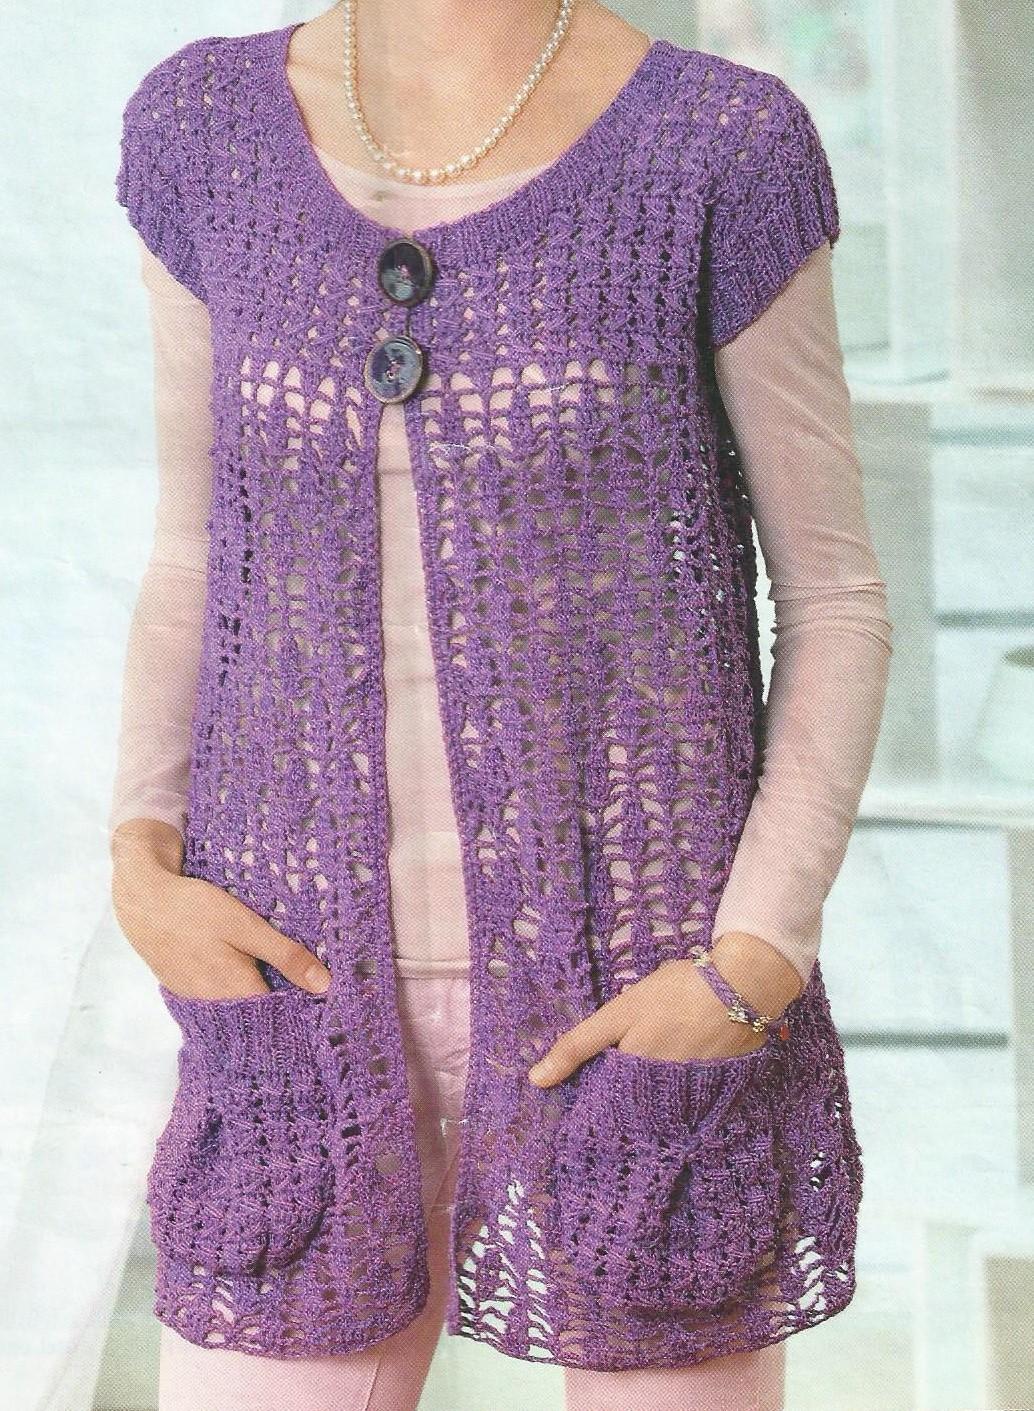 modele de veste tricotate manual pentru copii